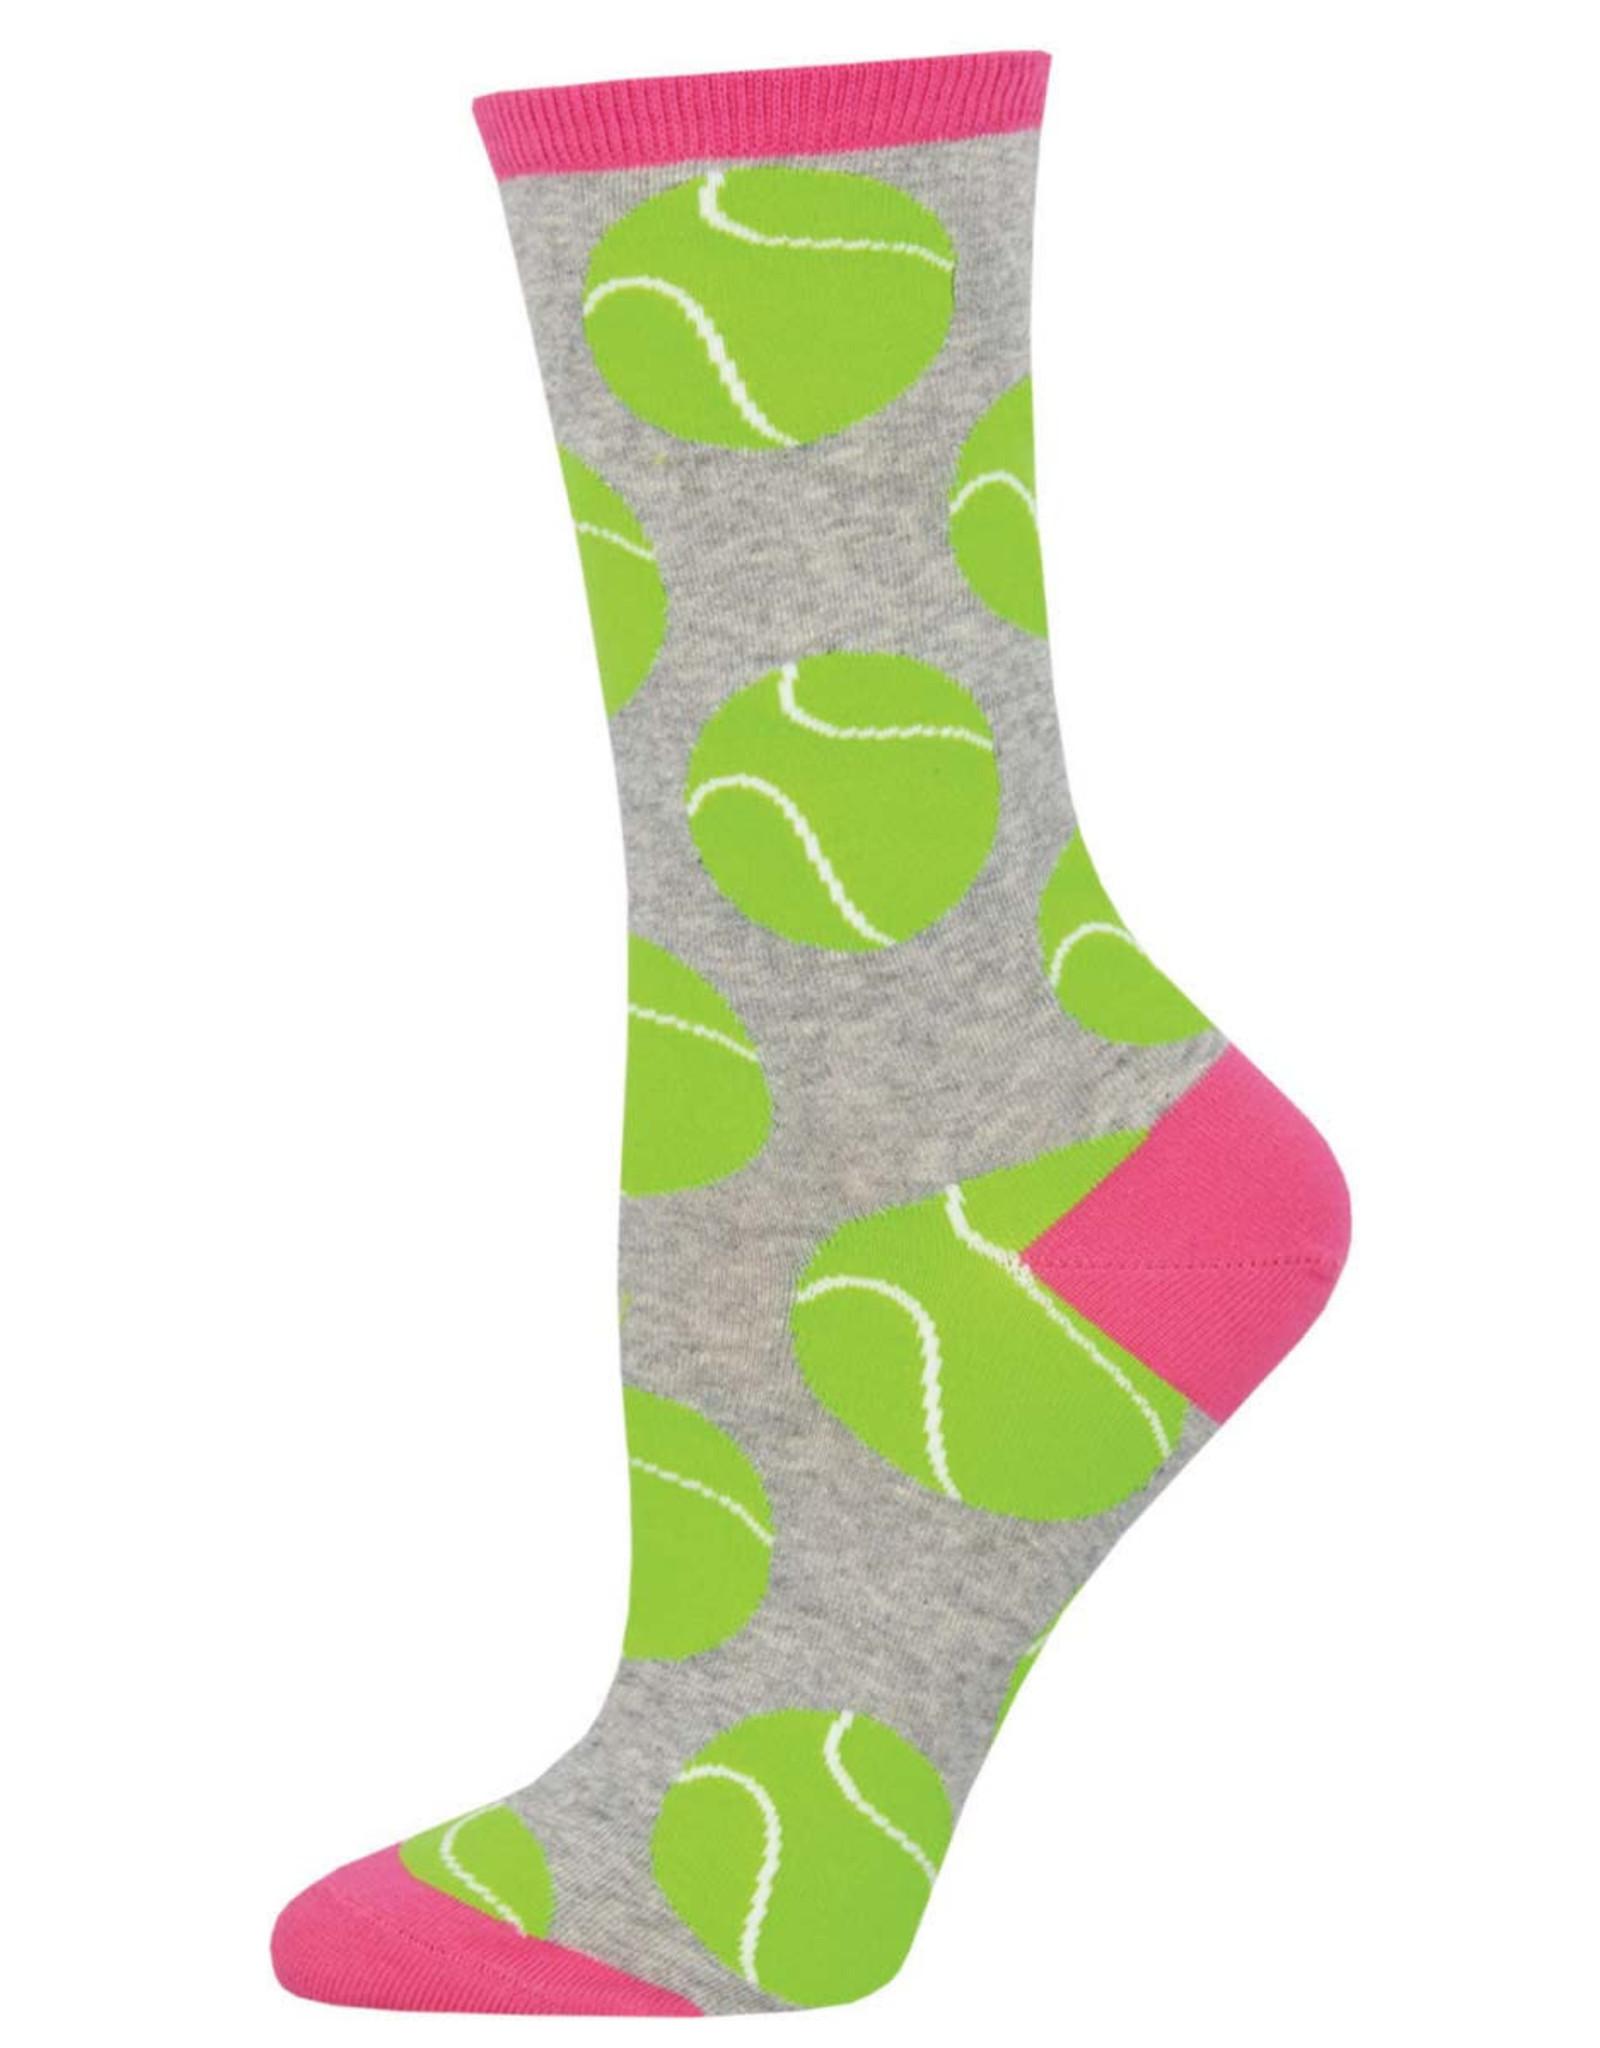 Socksmith Women's Set Point Tennis Socks